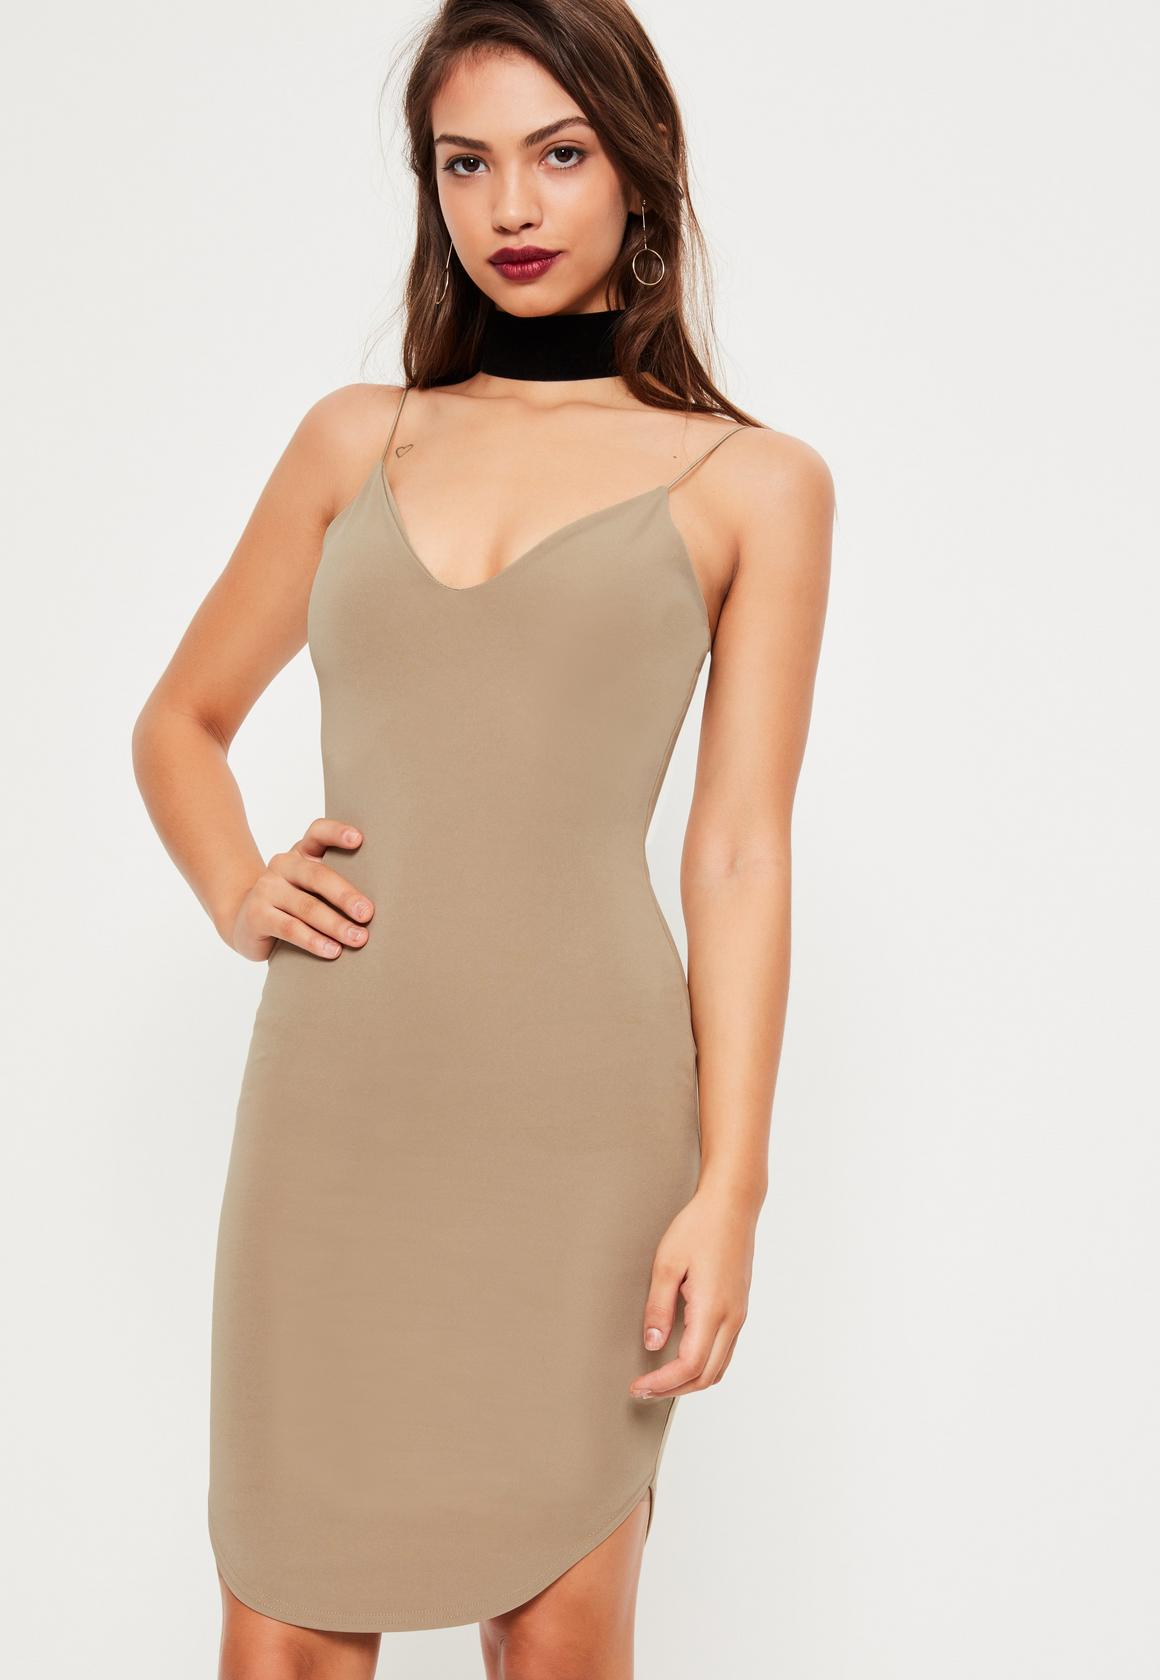 Бежевое платье облегающее